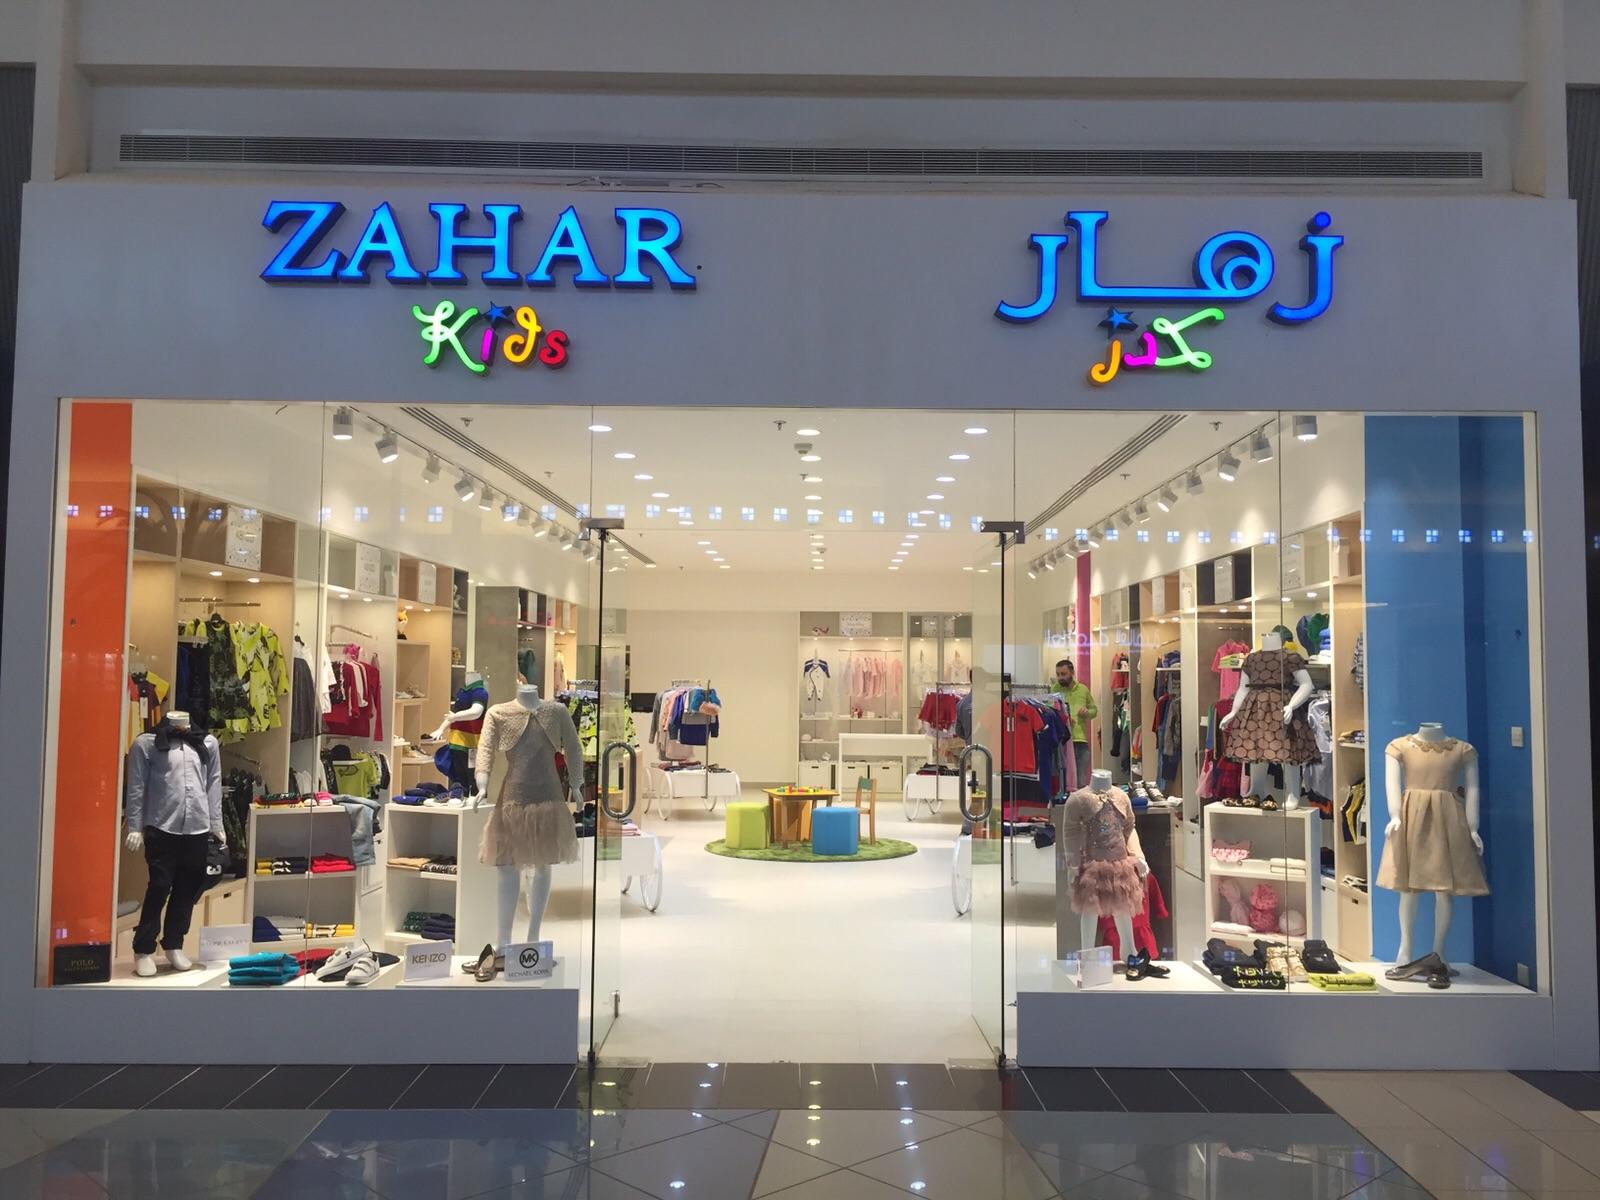 Zahar Kids